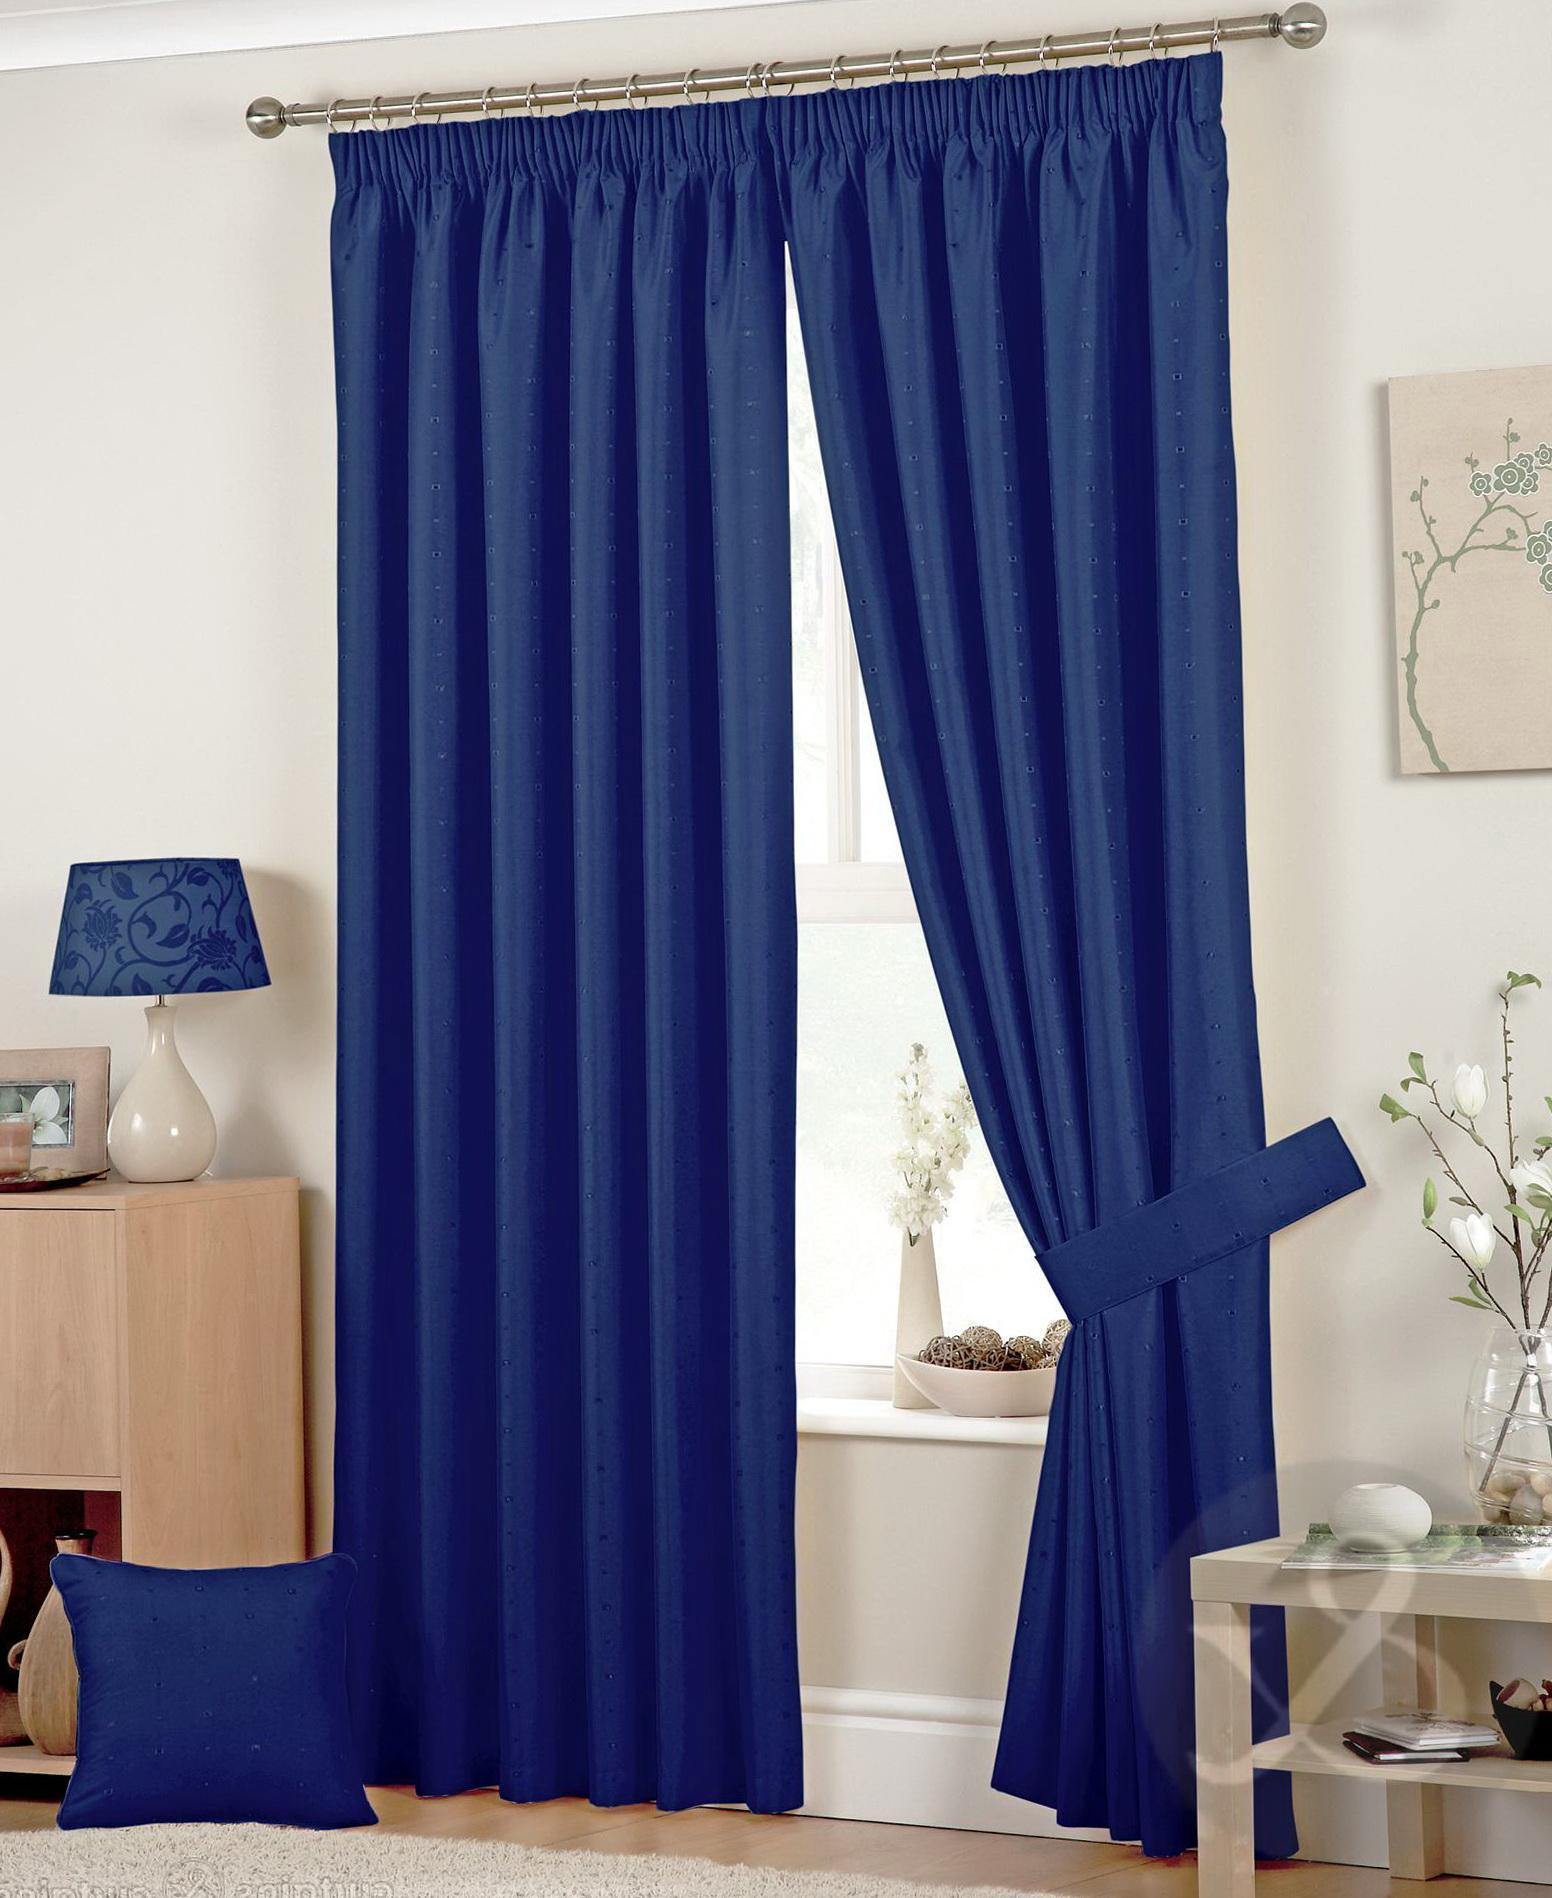 Navy Blue Linen Curtains